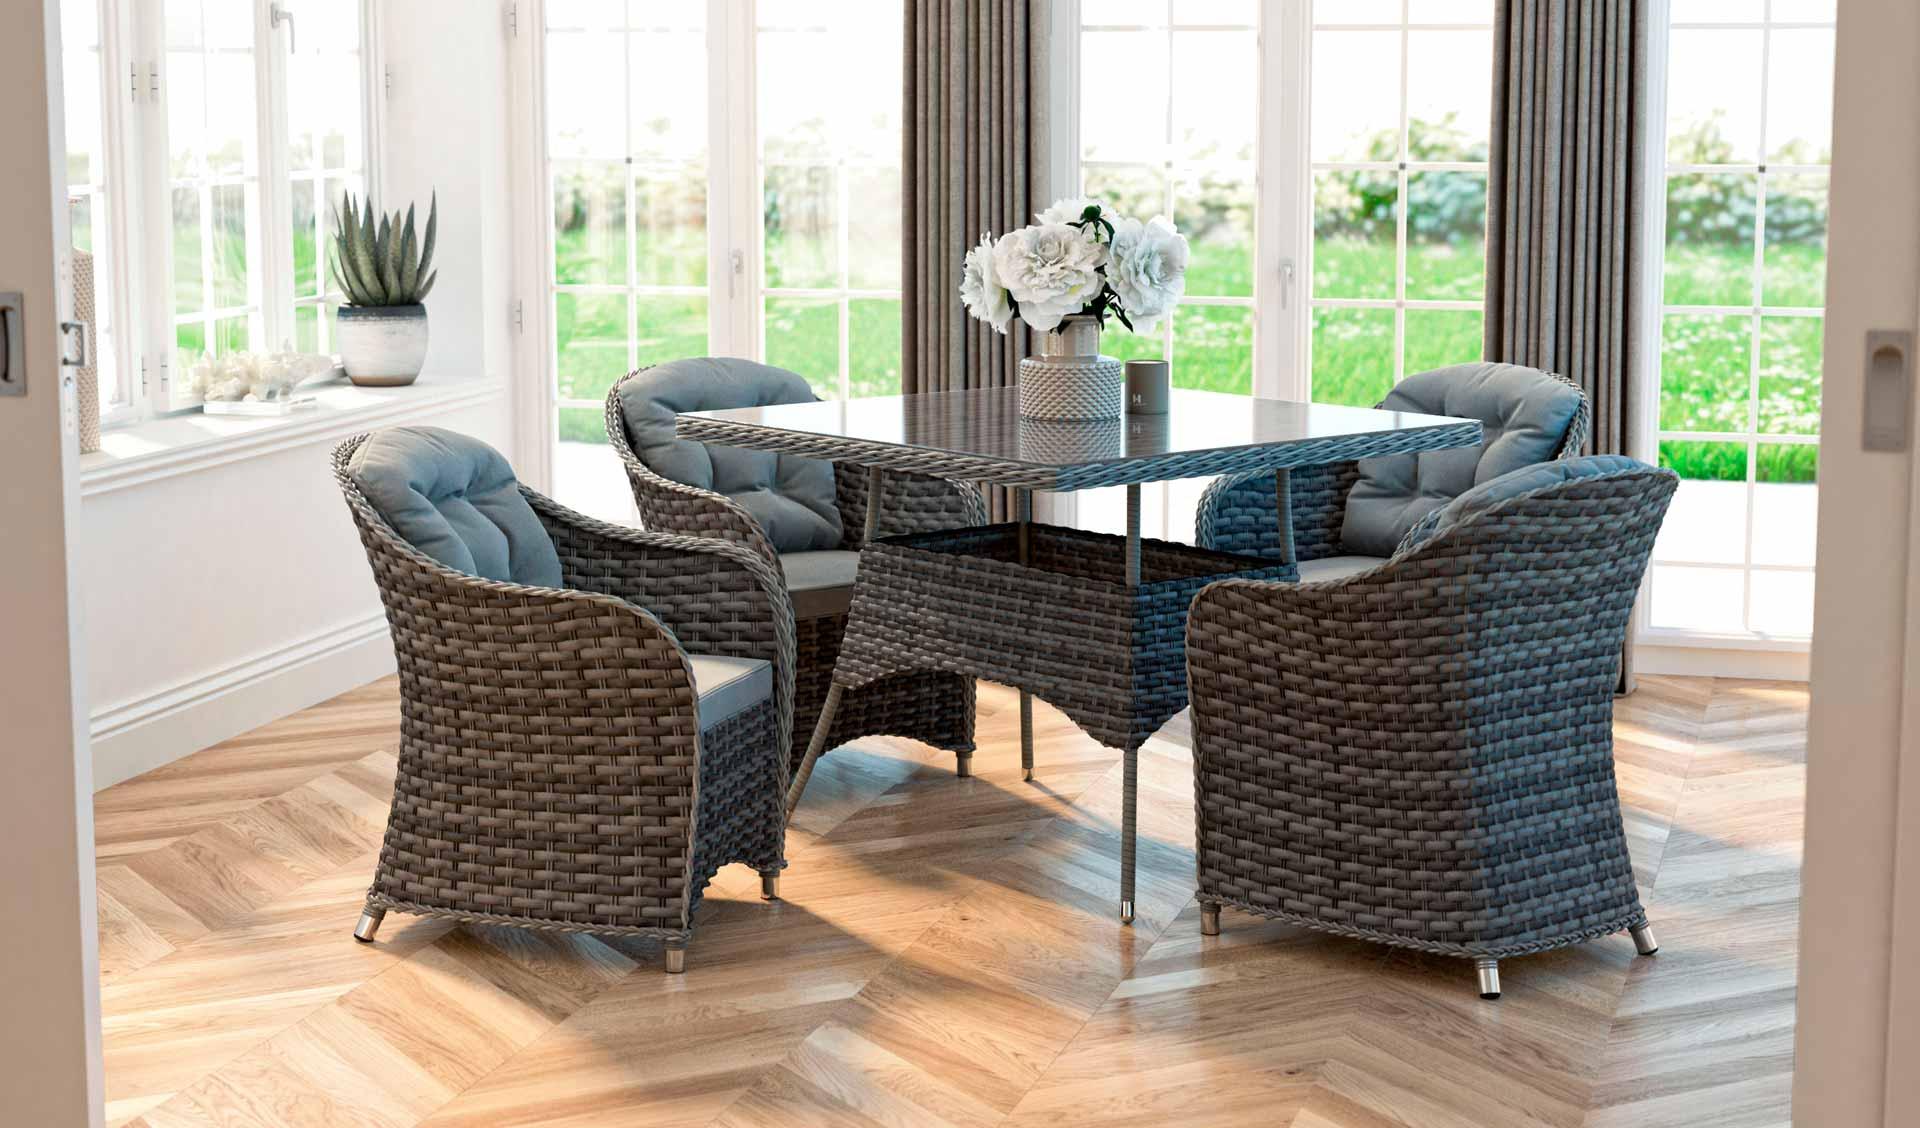 artelia austria rattan essgruppe ocean line velia m f r 4 personen mit tisch und st hlen aus. Black Bedroom Furniture Sets. Home Design Ideas